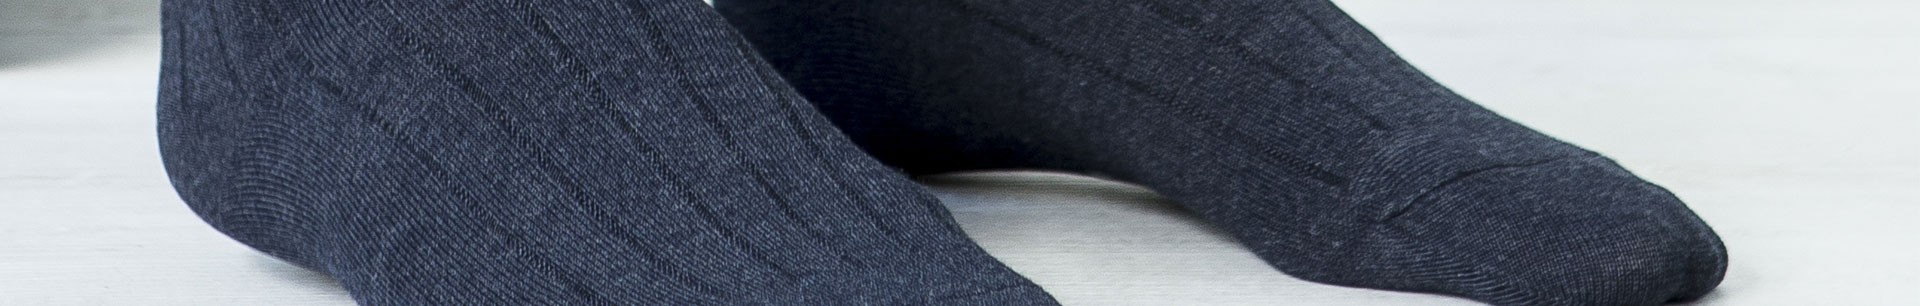 Classic Men's Socks | Men's Plain Socks | Men's Argyle Socks